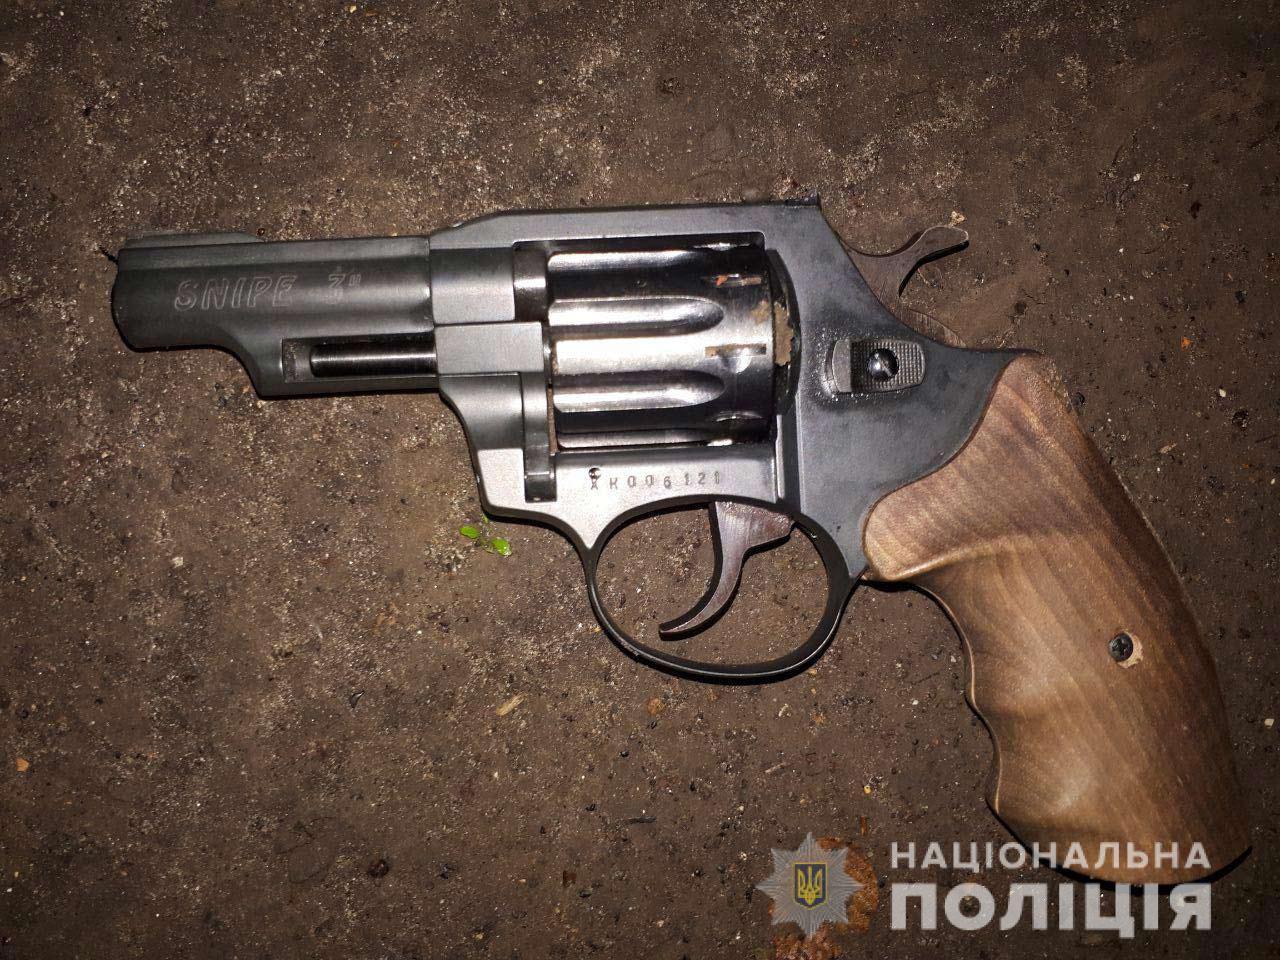 Оружие, из которого был совершен выстрел